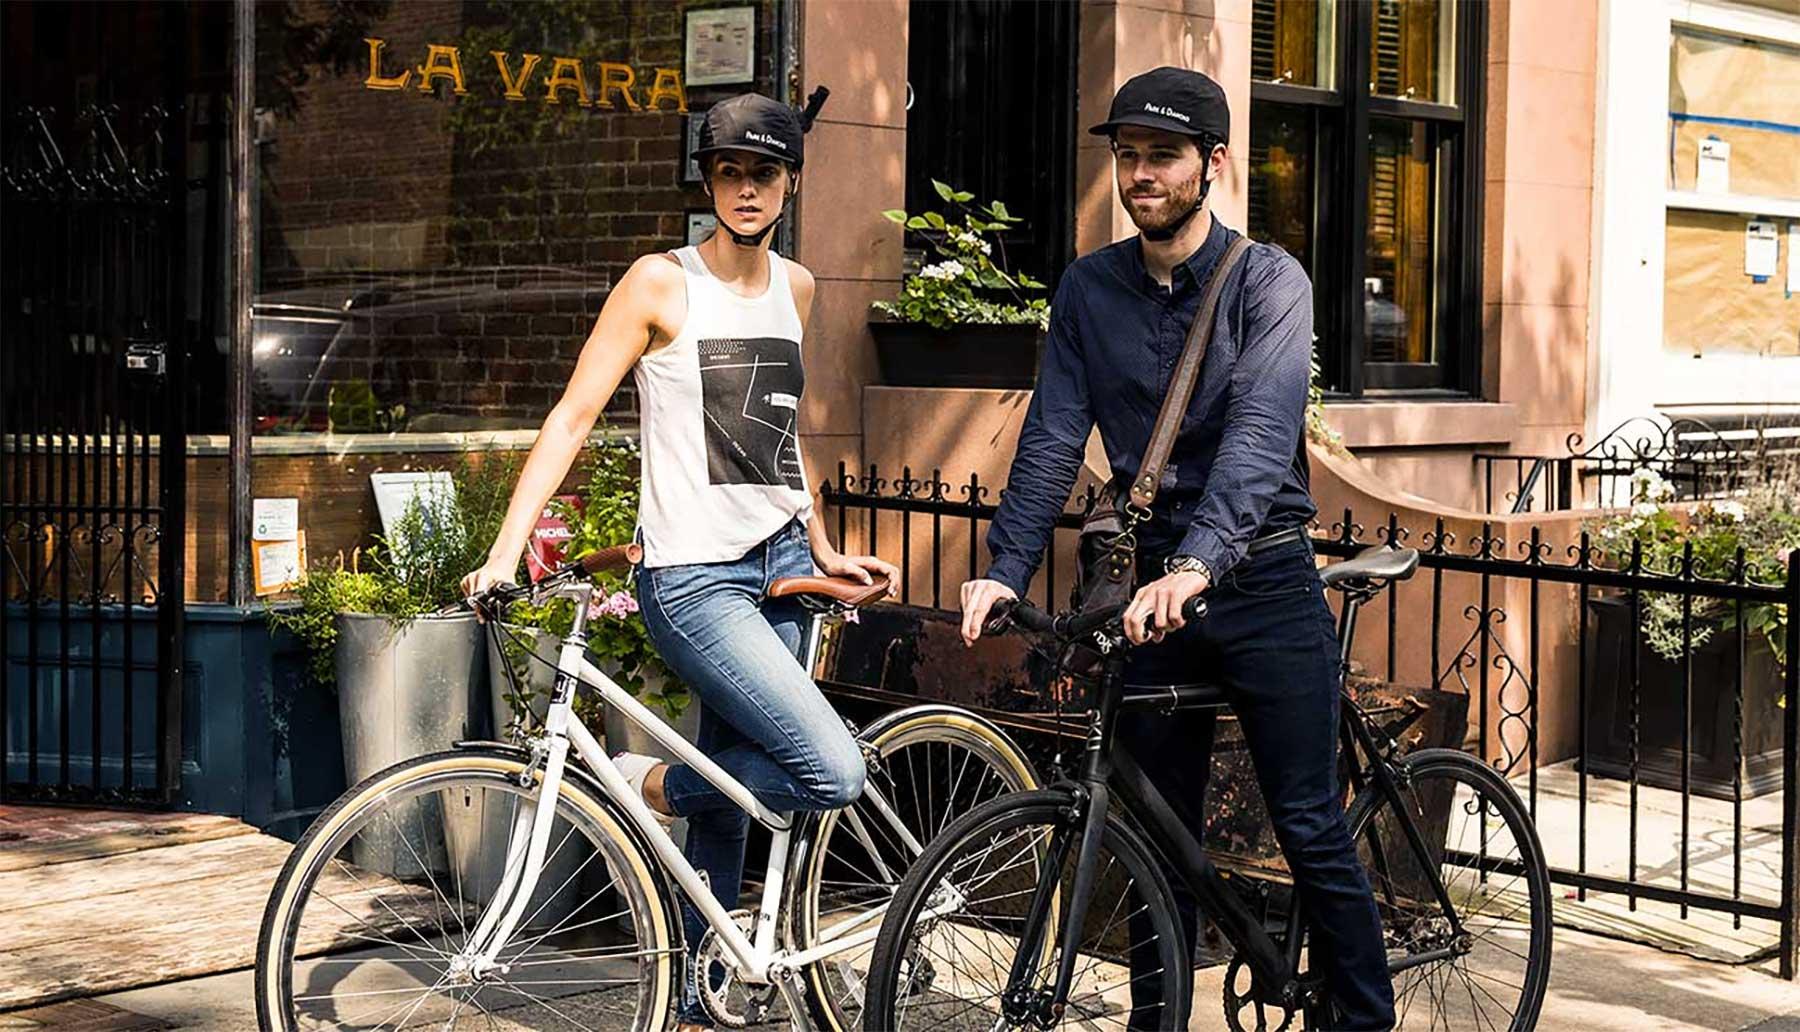 Dieser faltbare Fahrradhelm sieht wie eine Cappy aus park-and-diamond-fatlbarer-fahrradhelm_03